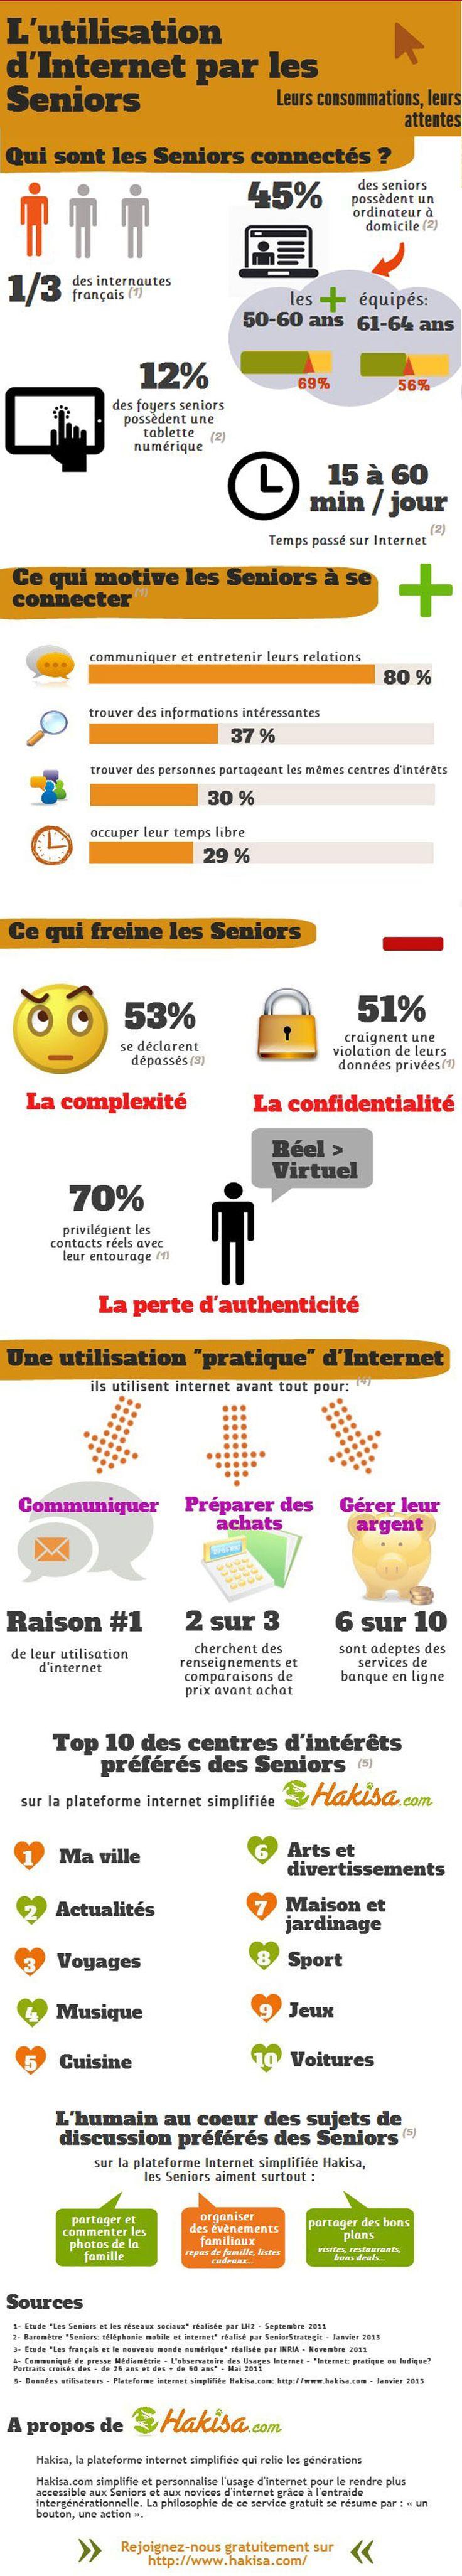 [Infographie] L'utilisation d'Internet par les Seniors   Le Blog Hakisa